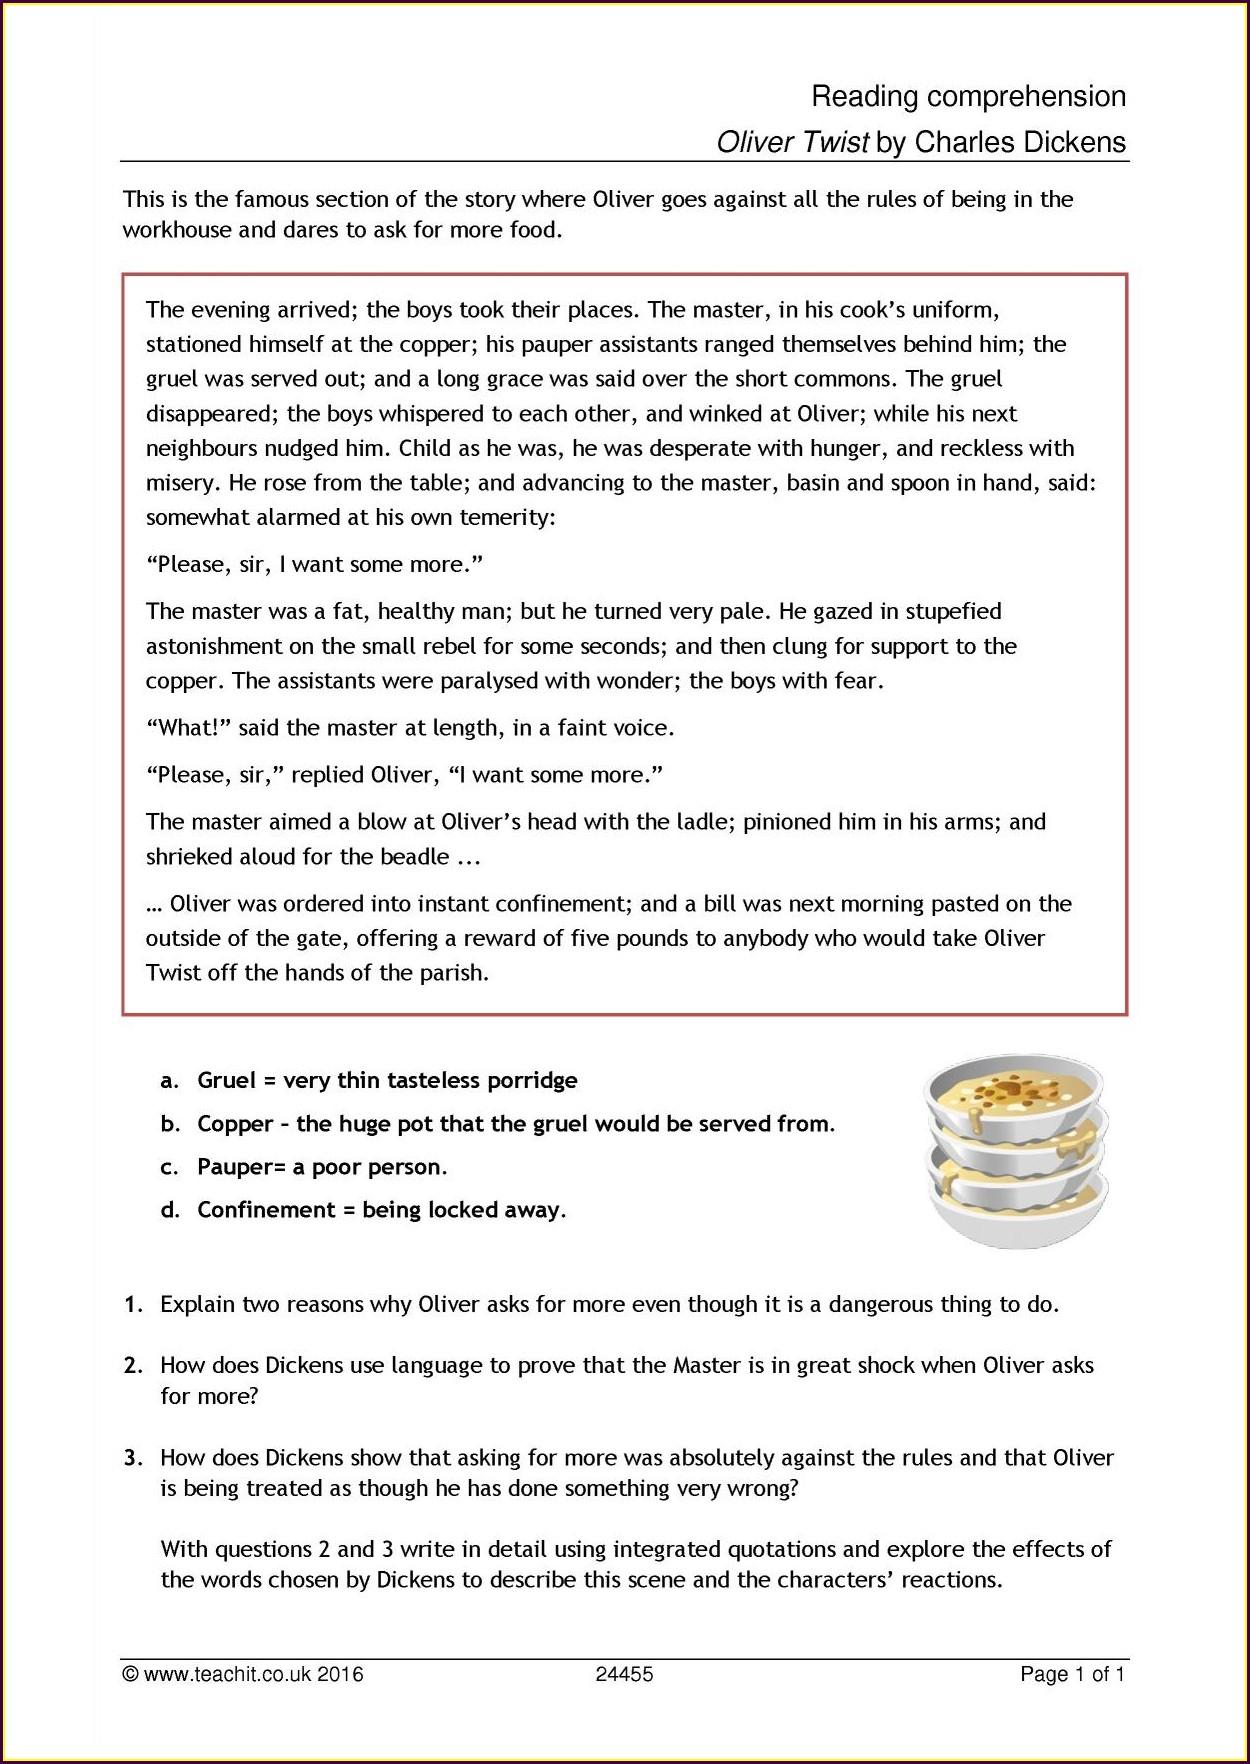 Large Print Reading Comprehension Worksheets